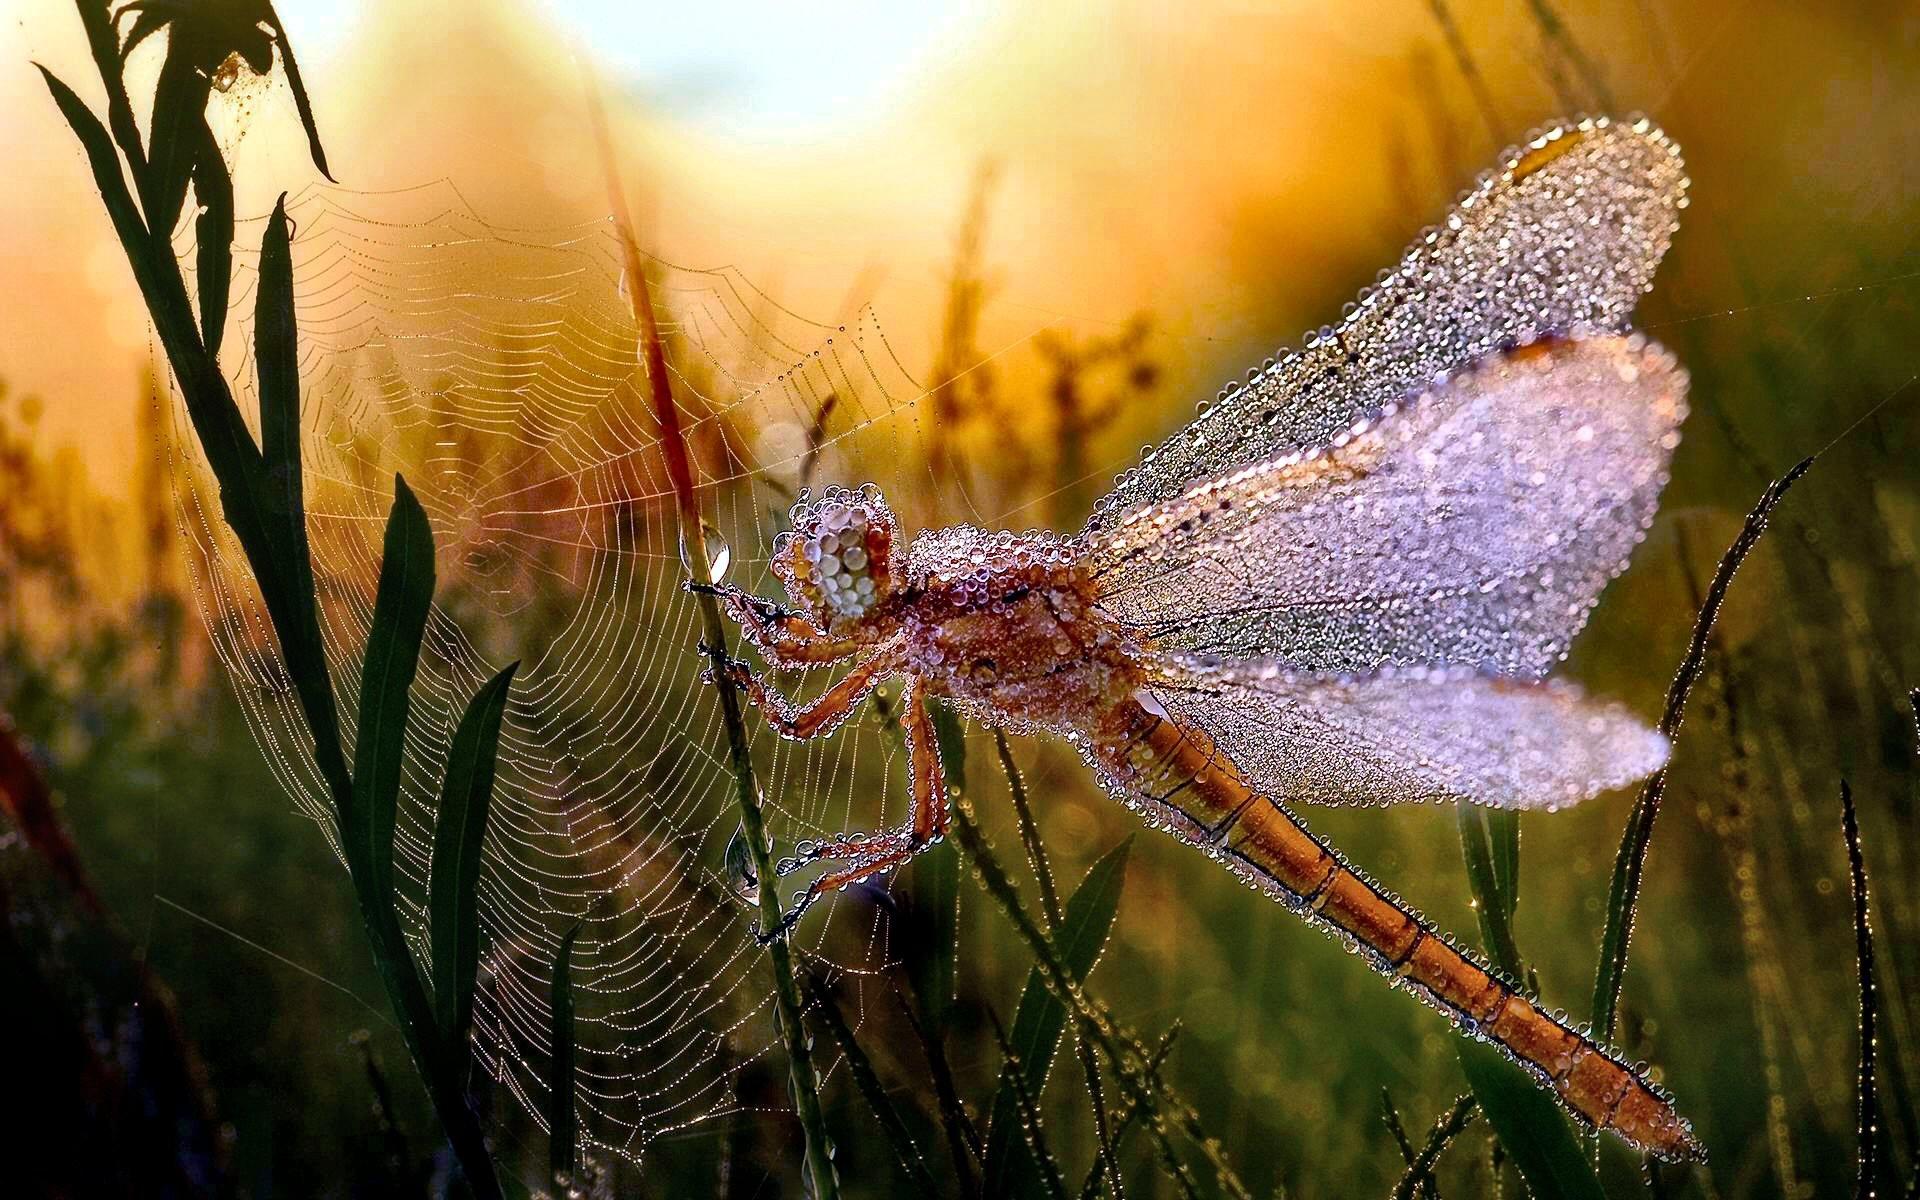 Djur РDragonfly Insect Morning Dew Spider Web L̦v Djur Bakgrund